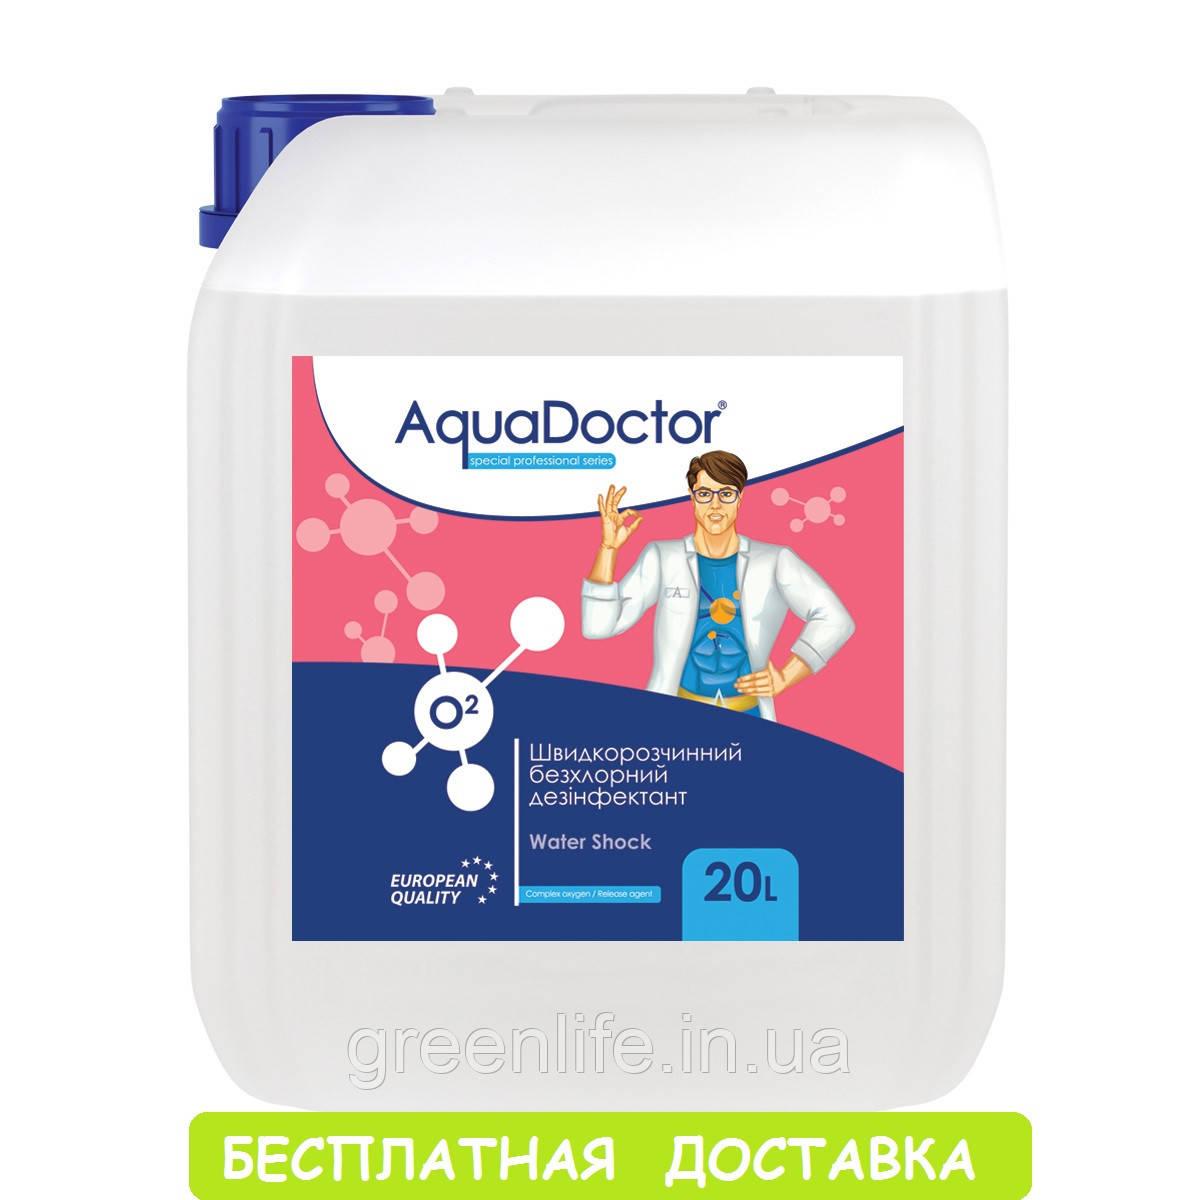 Жидкий дезинфектант на основе активного кислорода AquaDoctor Water Shock О2, Аквадоктор, 20л